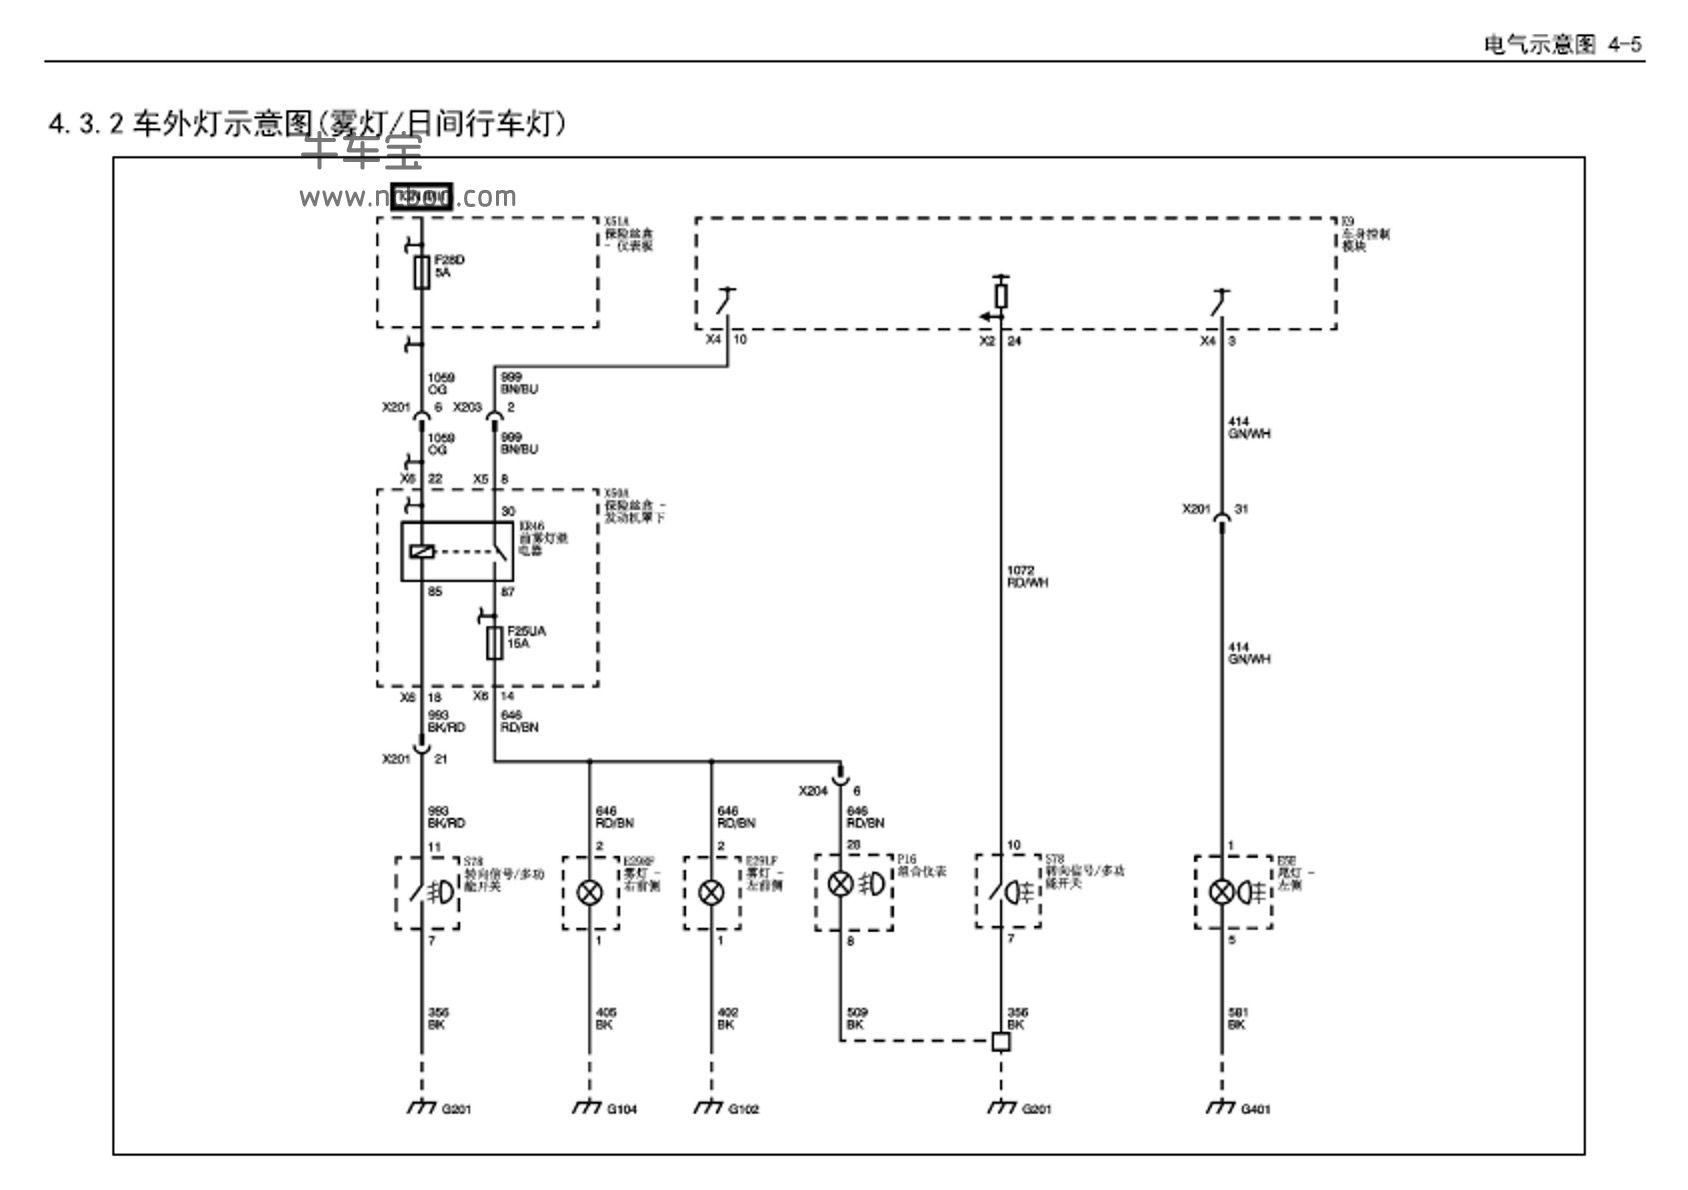 2015-2016款宝骏330原厂电路图资料下载